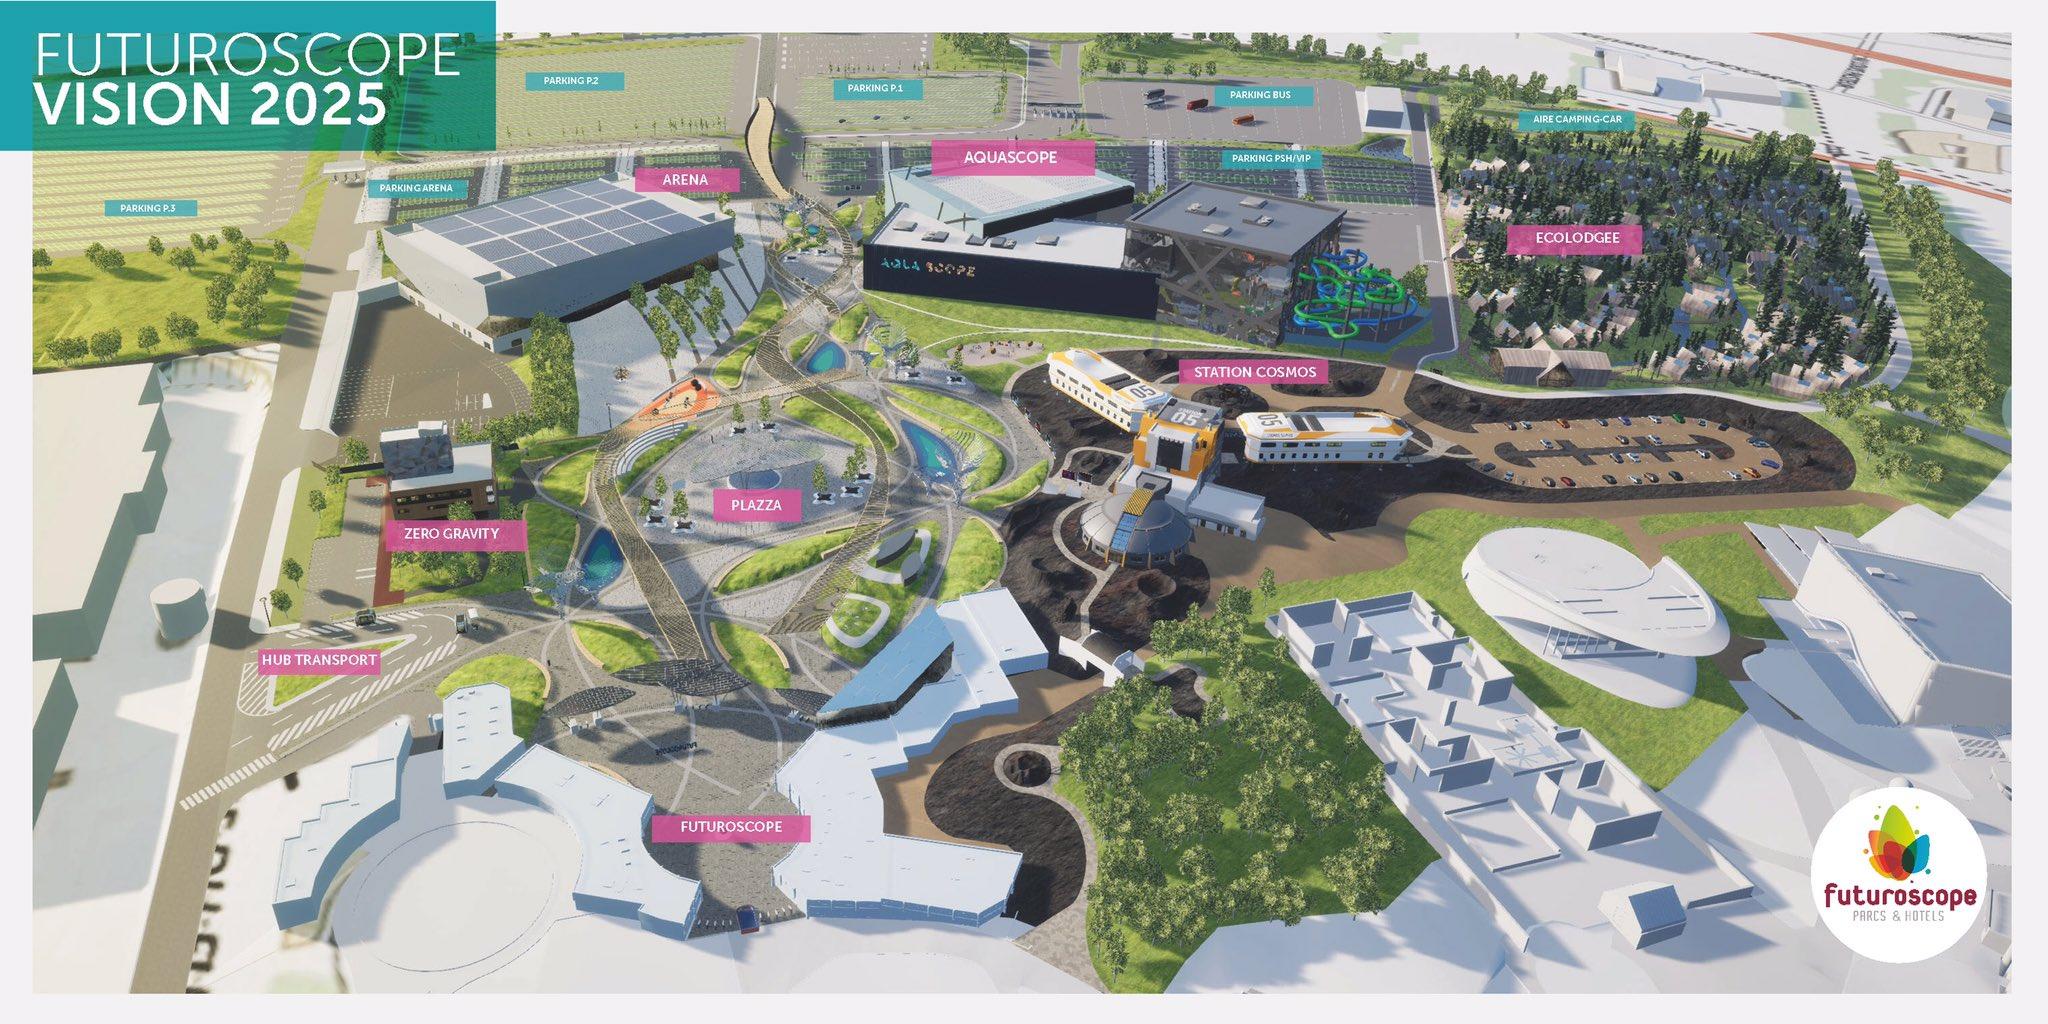 Plans de développement et renouvellement du Futuroscope : Parc et resort - Page 13 2025-Futuroscope-2-Vision-Parcs-Ho-tels-2020-07